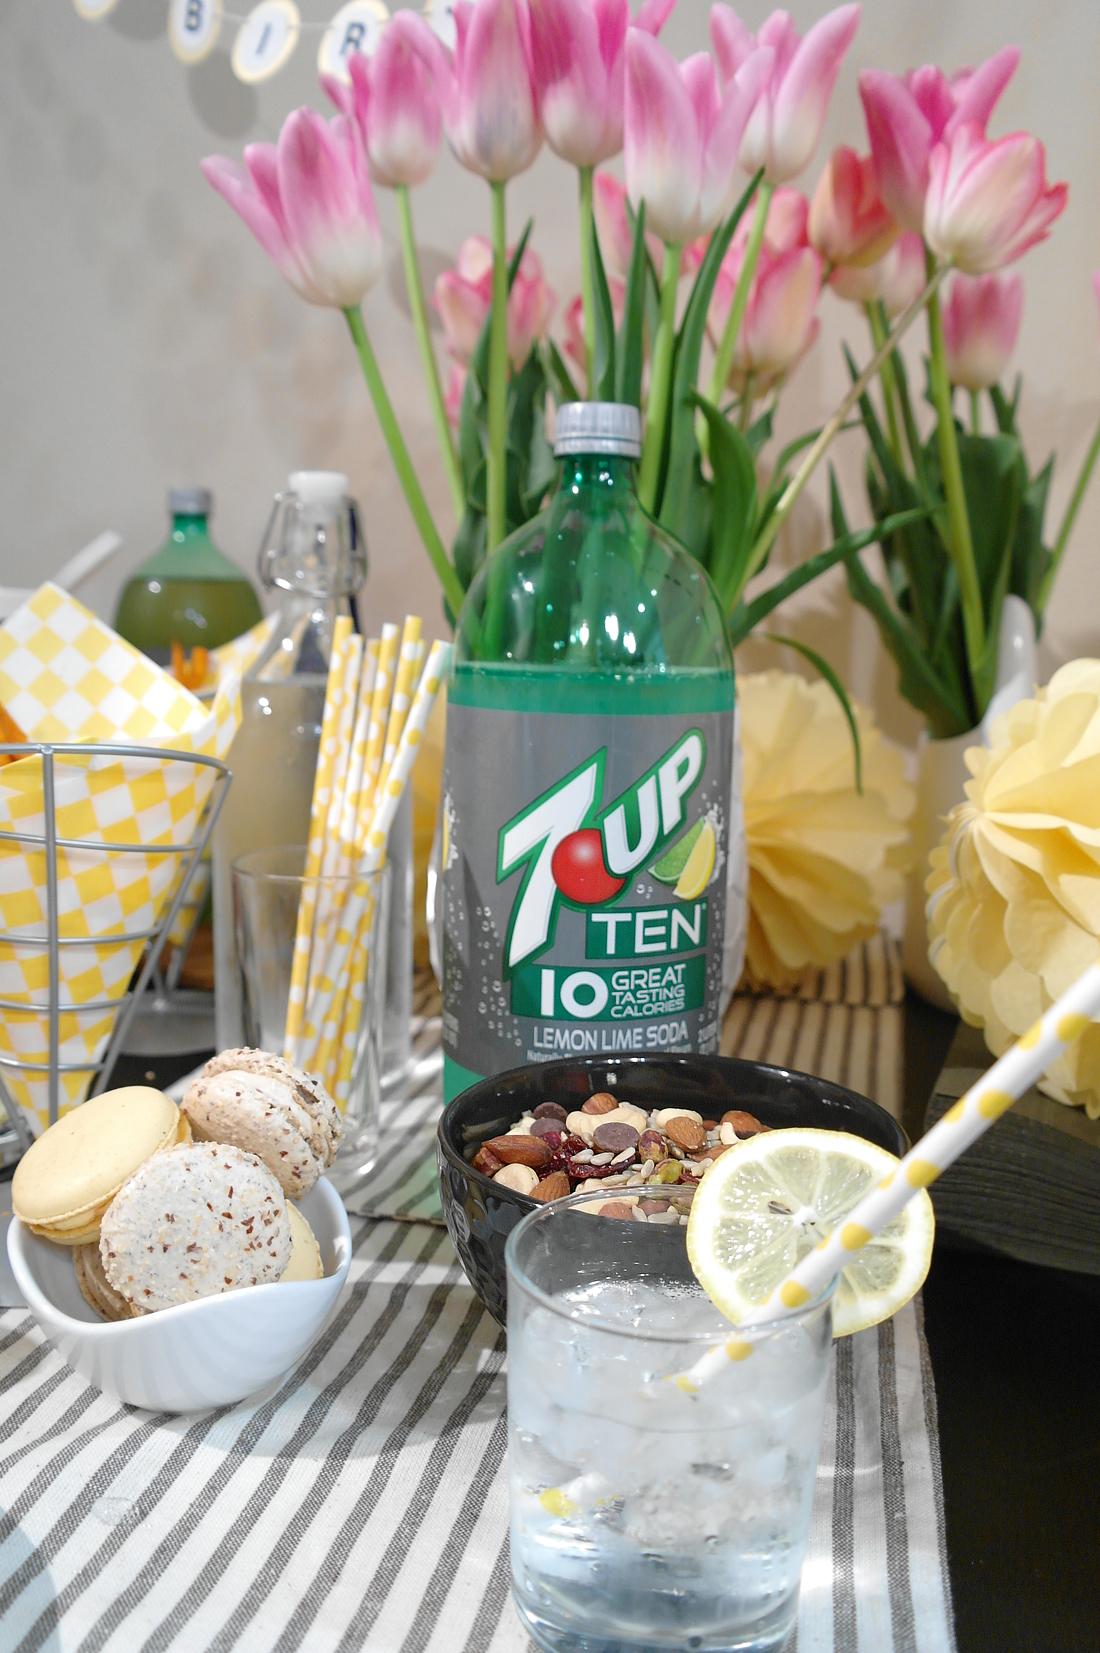 7up-ten-calorie-drink